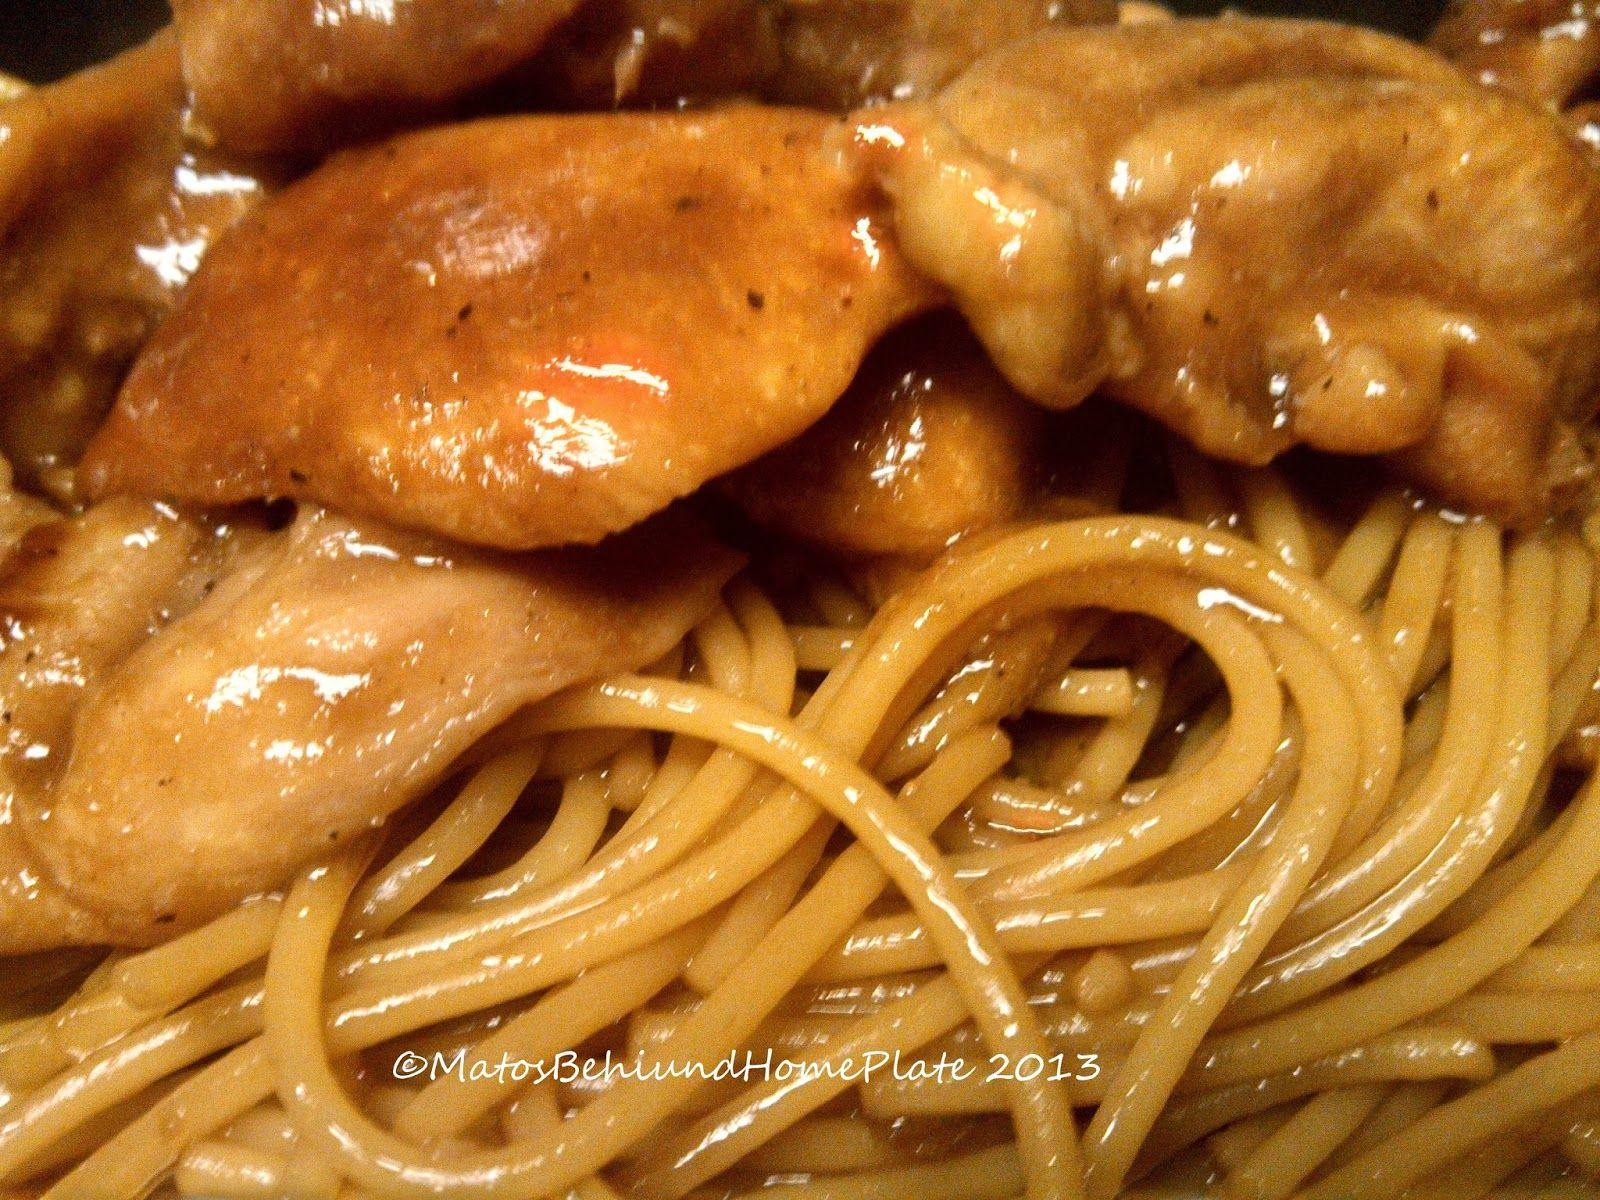 Matos behind home plate teriyaki chicken garlic noodles